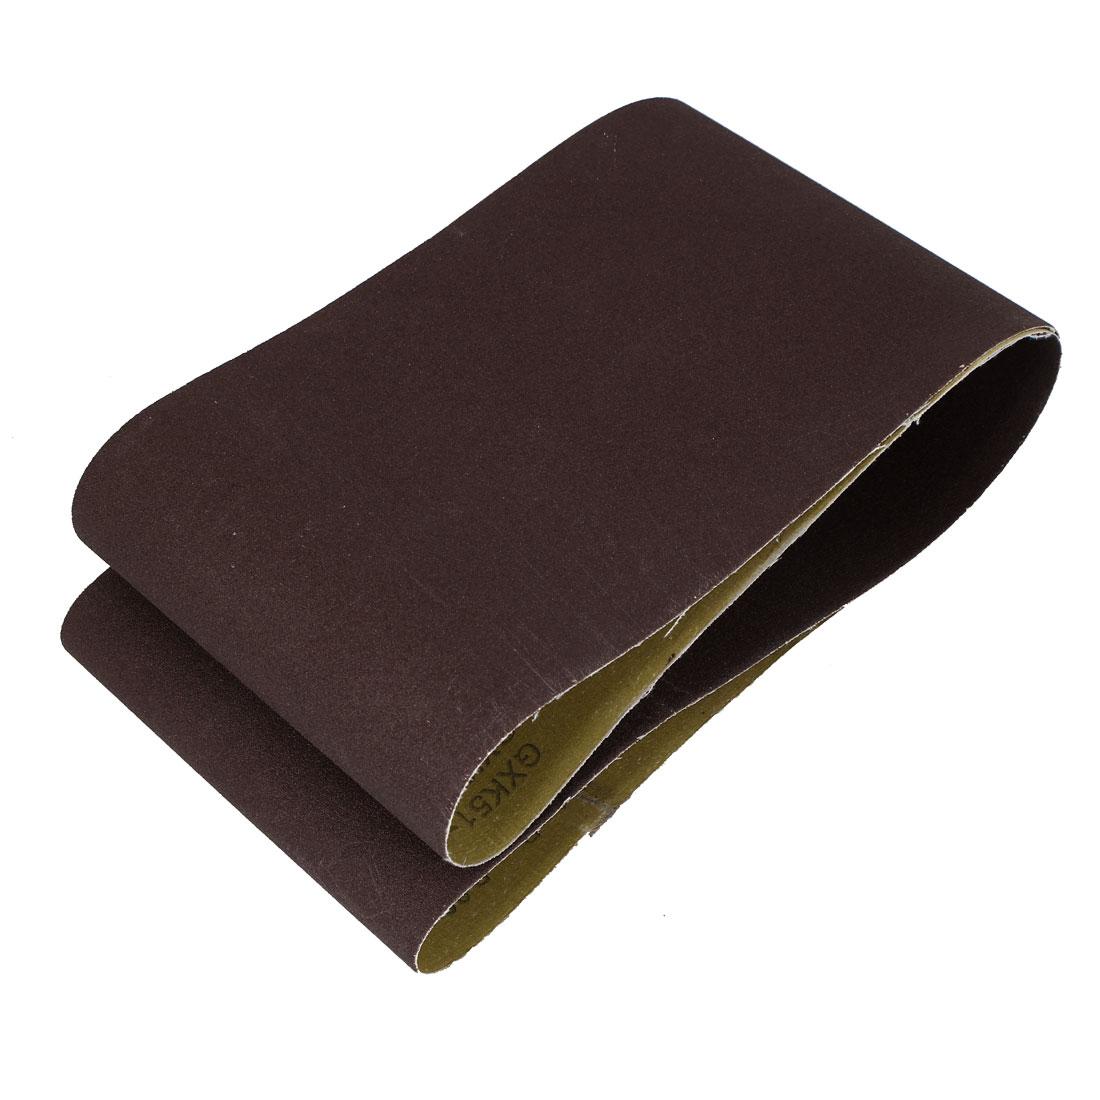 Woodworking 1520mmx200mm 80 Grit Abrasive Sanding Belt Sandpaper